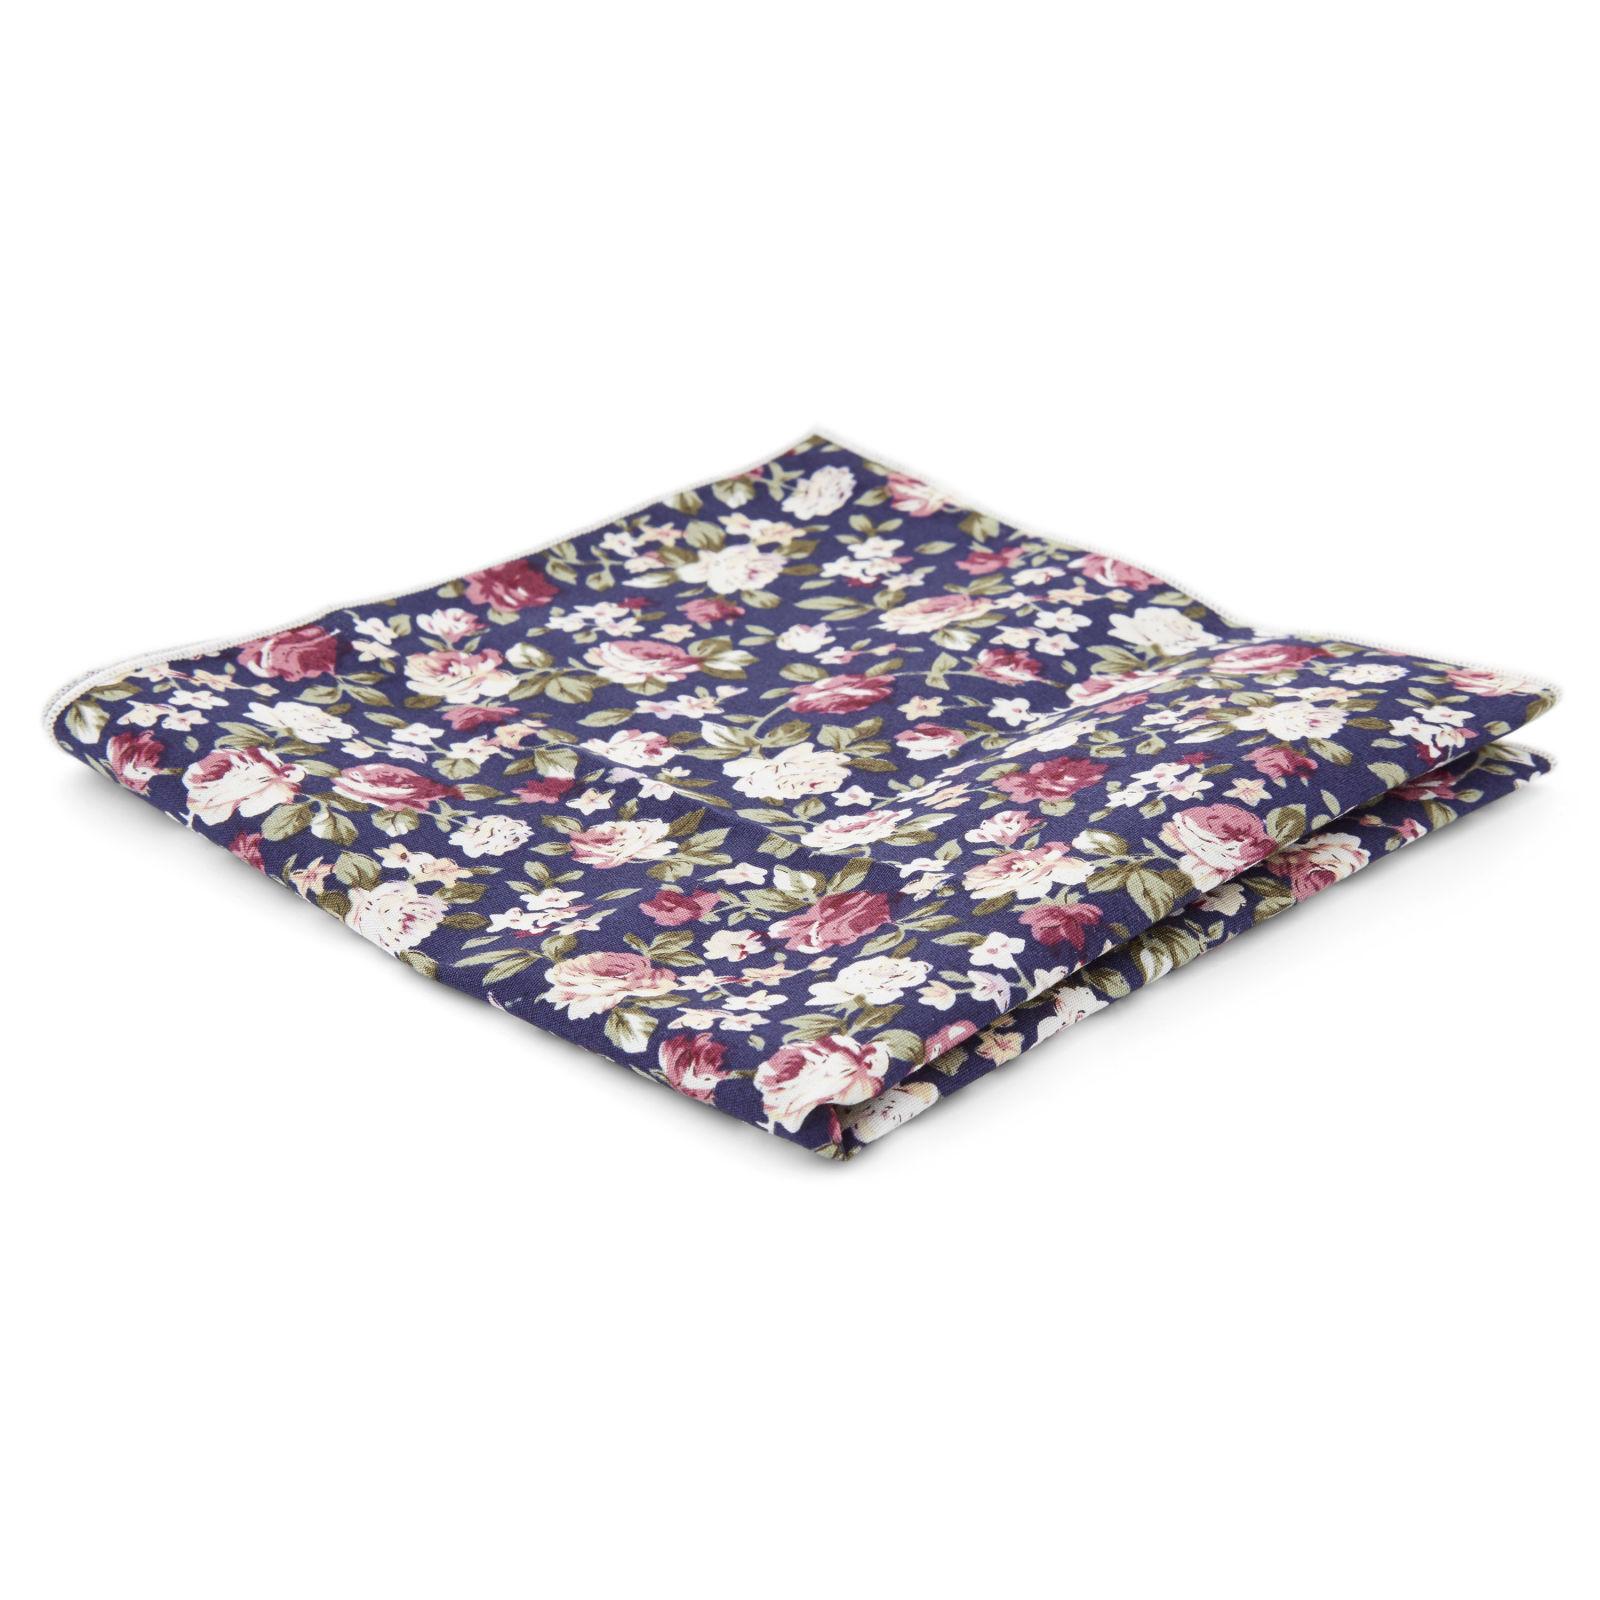 Carr de poche bleu fonce imprim floral port gratuit bohemian revolt - Trend corner frais de port gratuit ...